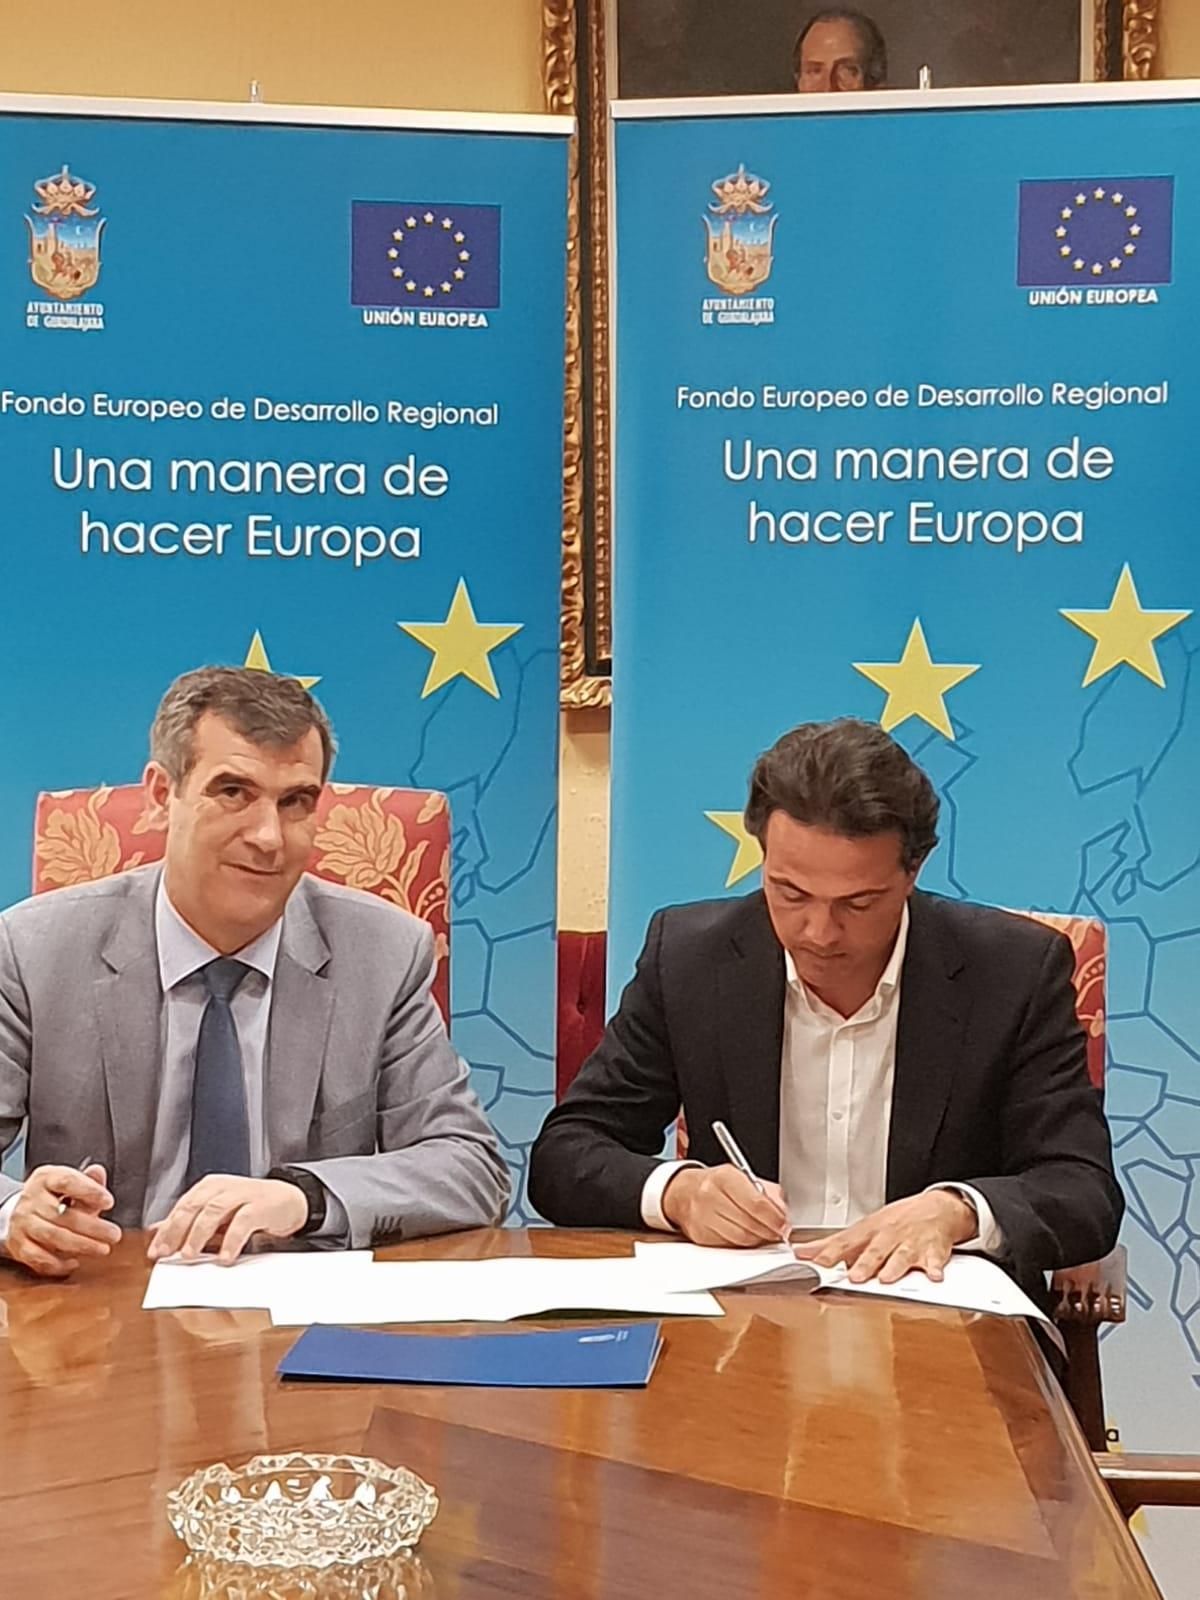 El Ayuntamiento de Guadalajara y Ferrovial firman el contrato que permitirá renovar la iluminación en las instalaciones deportivas municipales